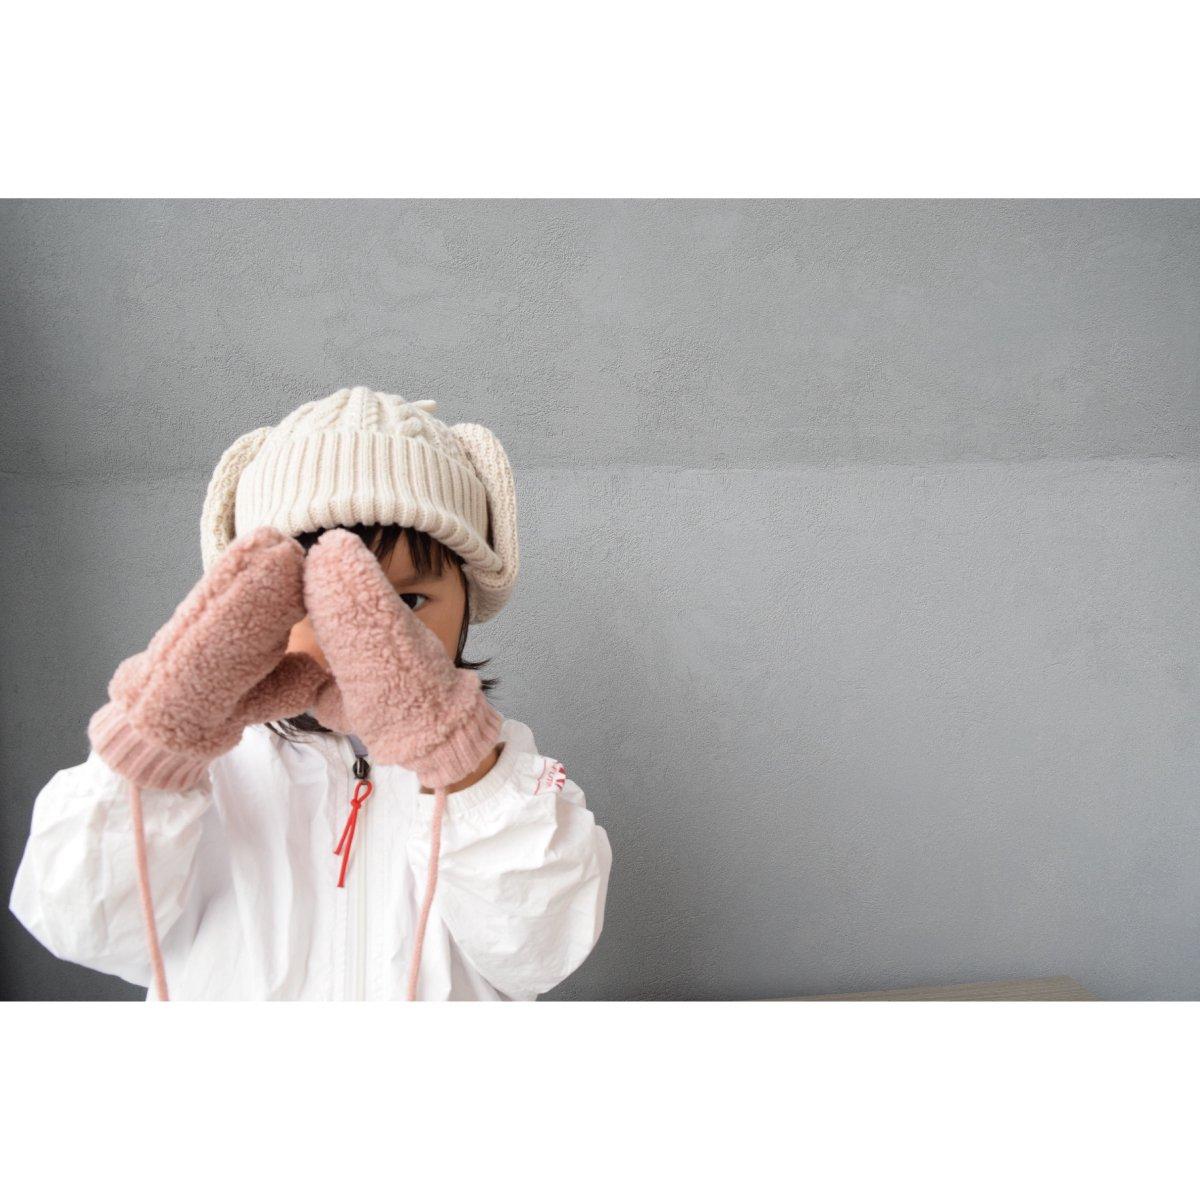 【KIDS】Boa Mittens 詳細画像6